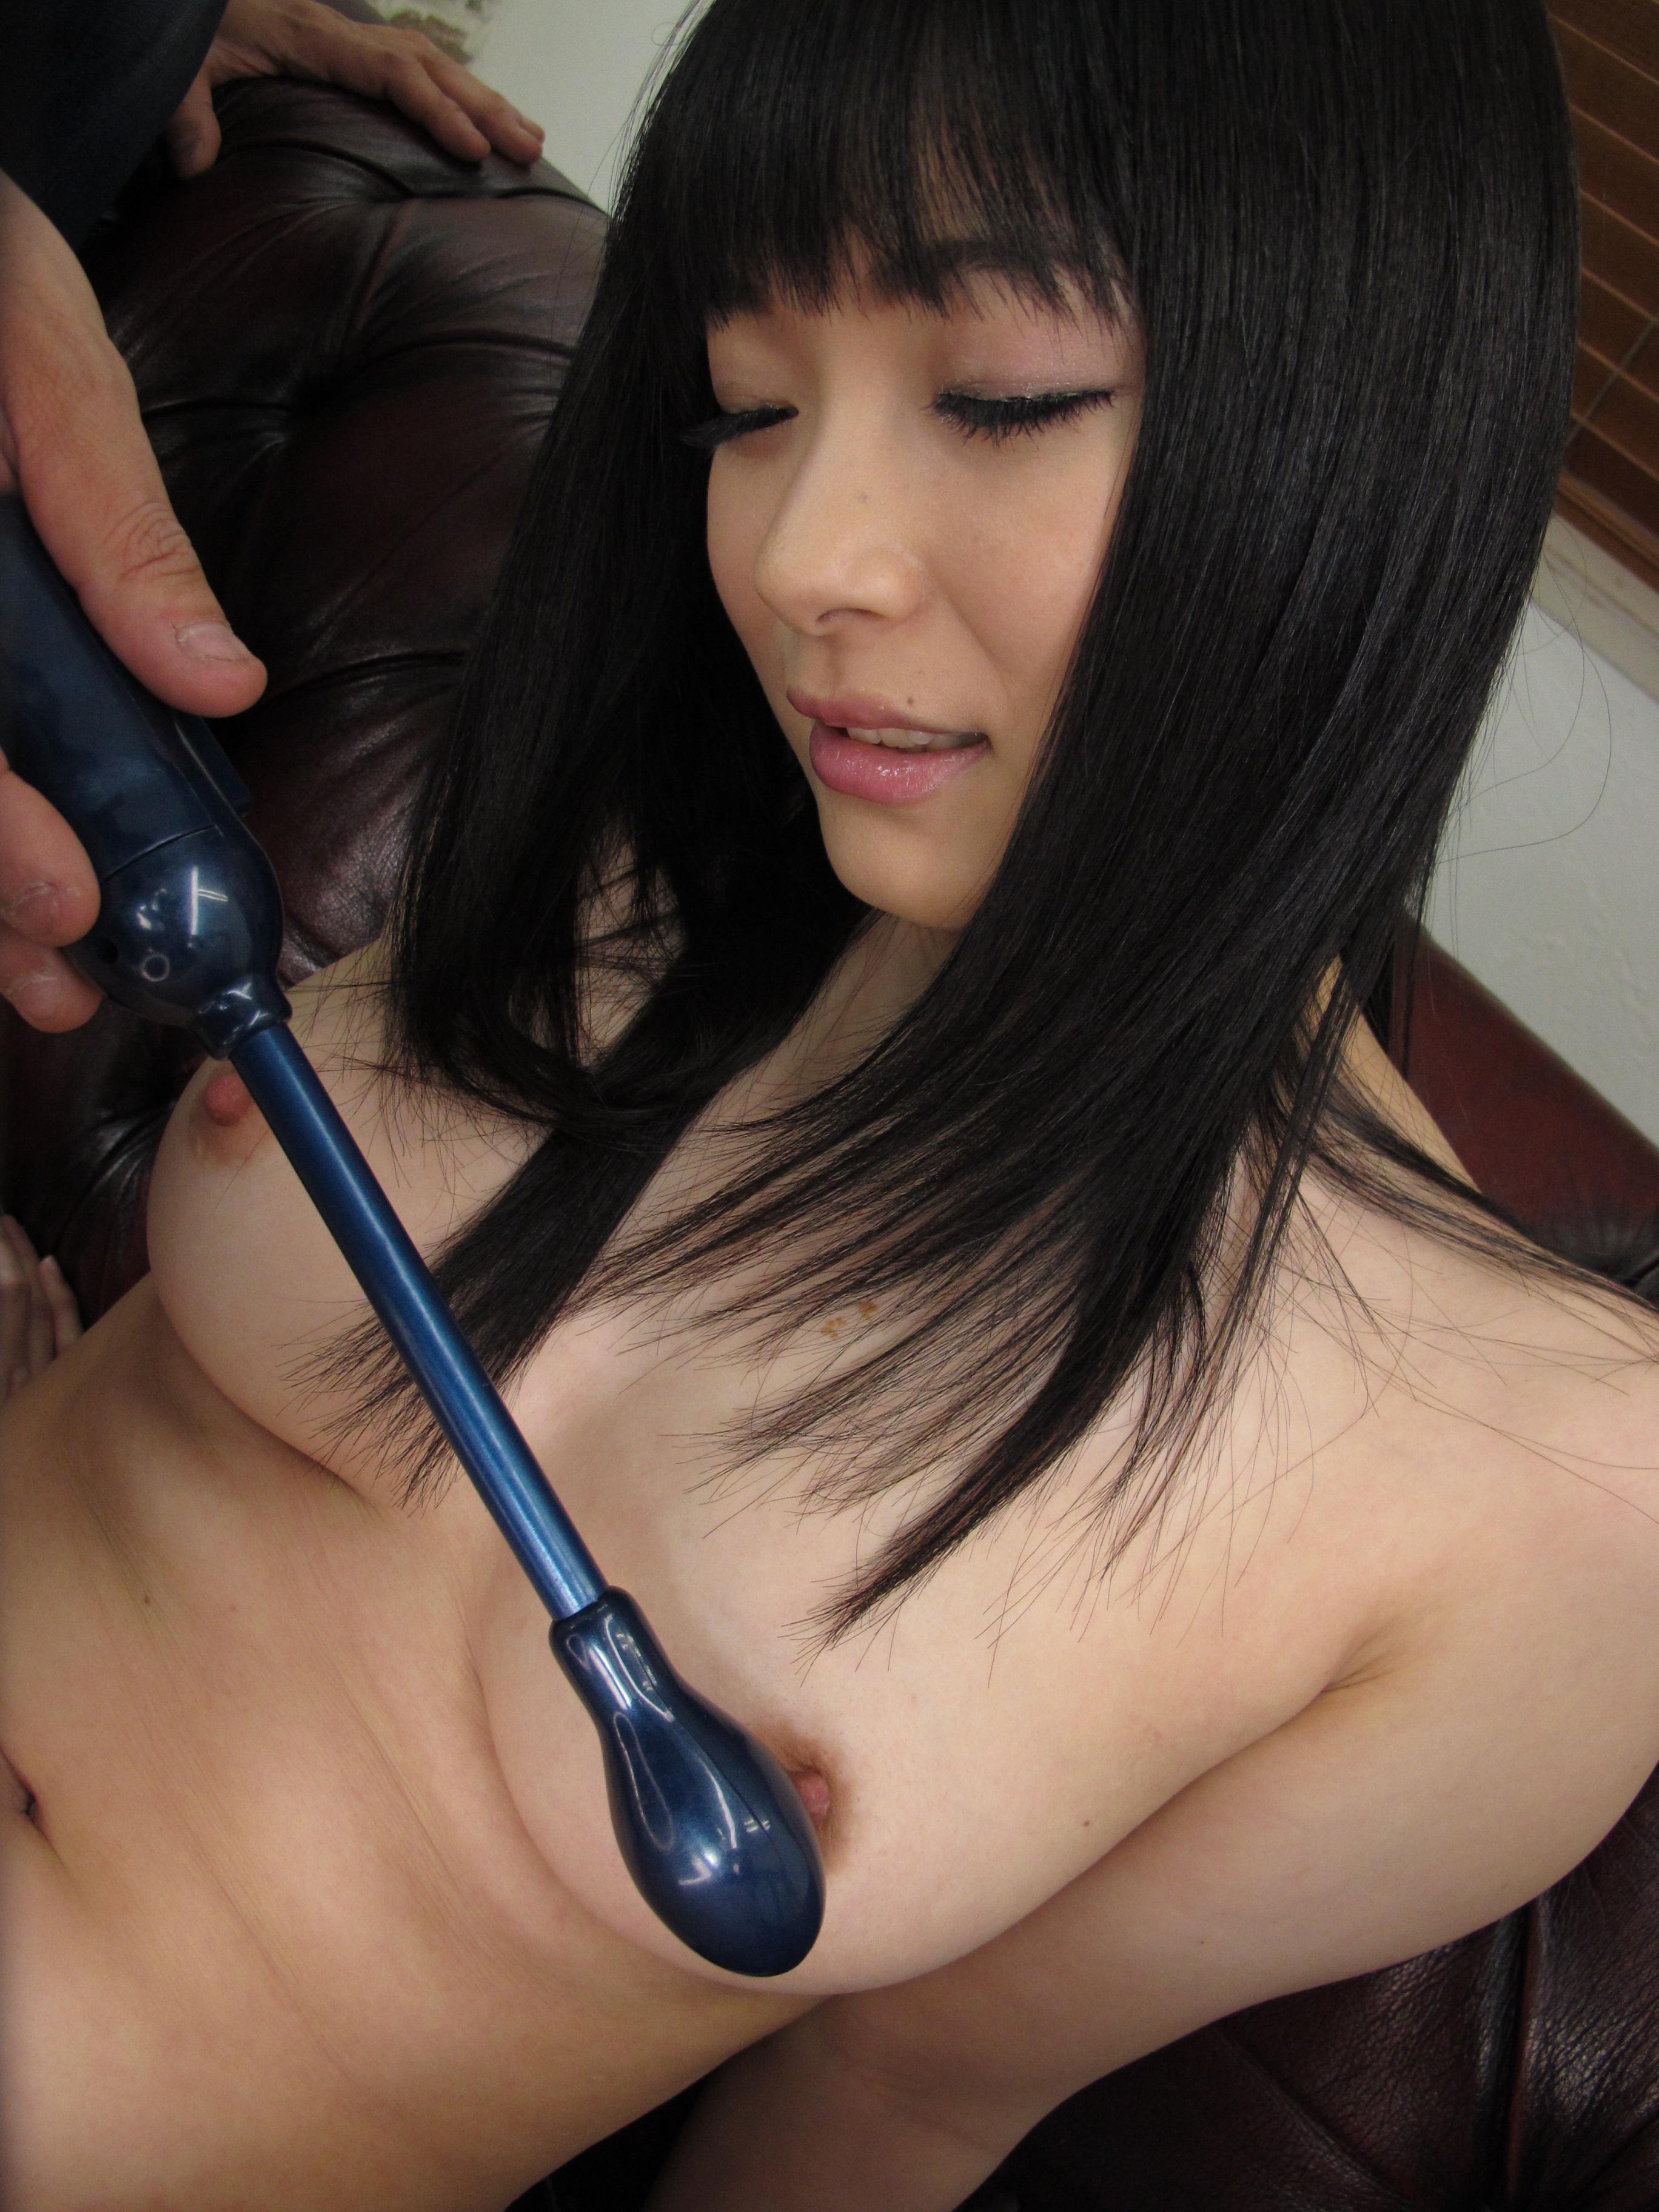 スカイエンジェル141 前田陽菜 無修正画像06